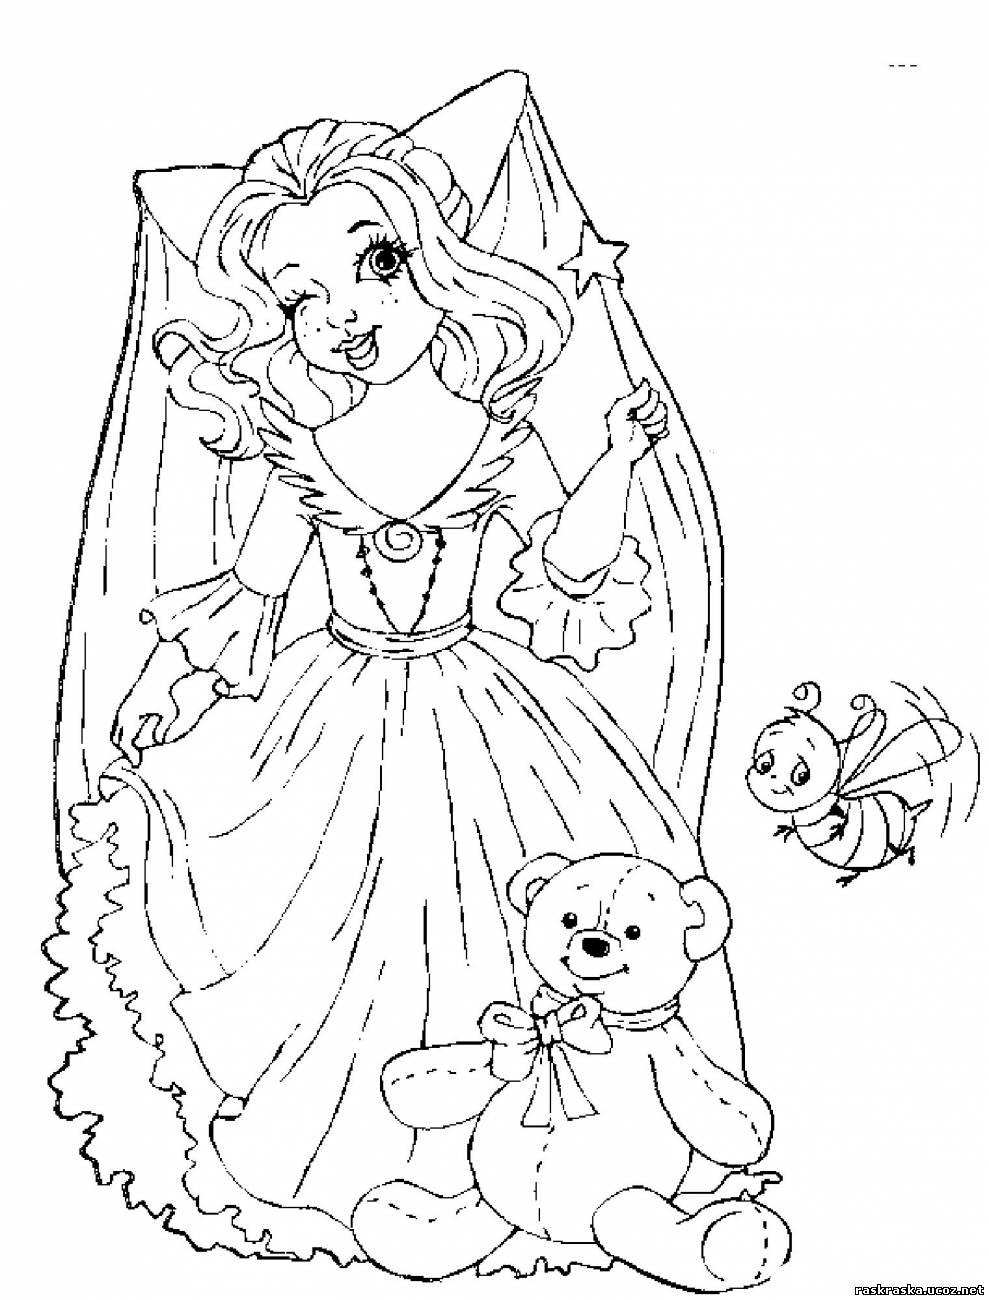 Fei 04 - Невесты, феи, принцессы и девушки - Разукрашки и ...